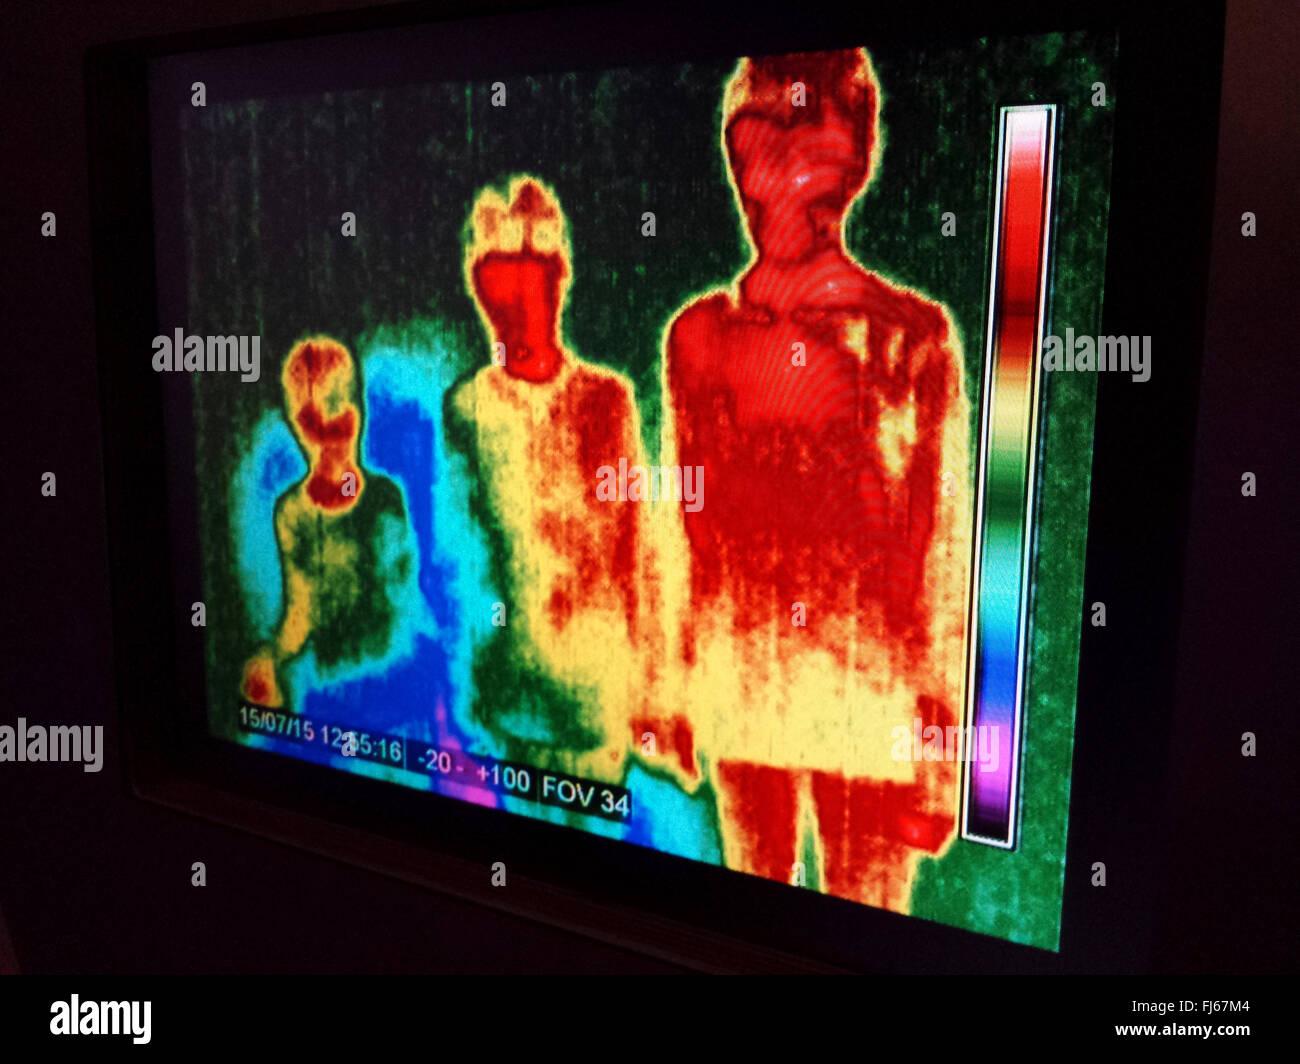 Immagine termica di tre bambini Immagini Stock